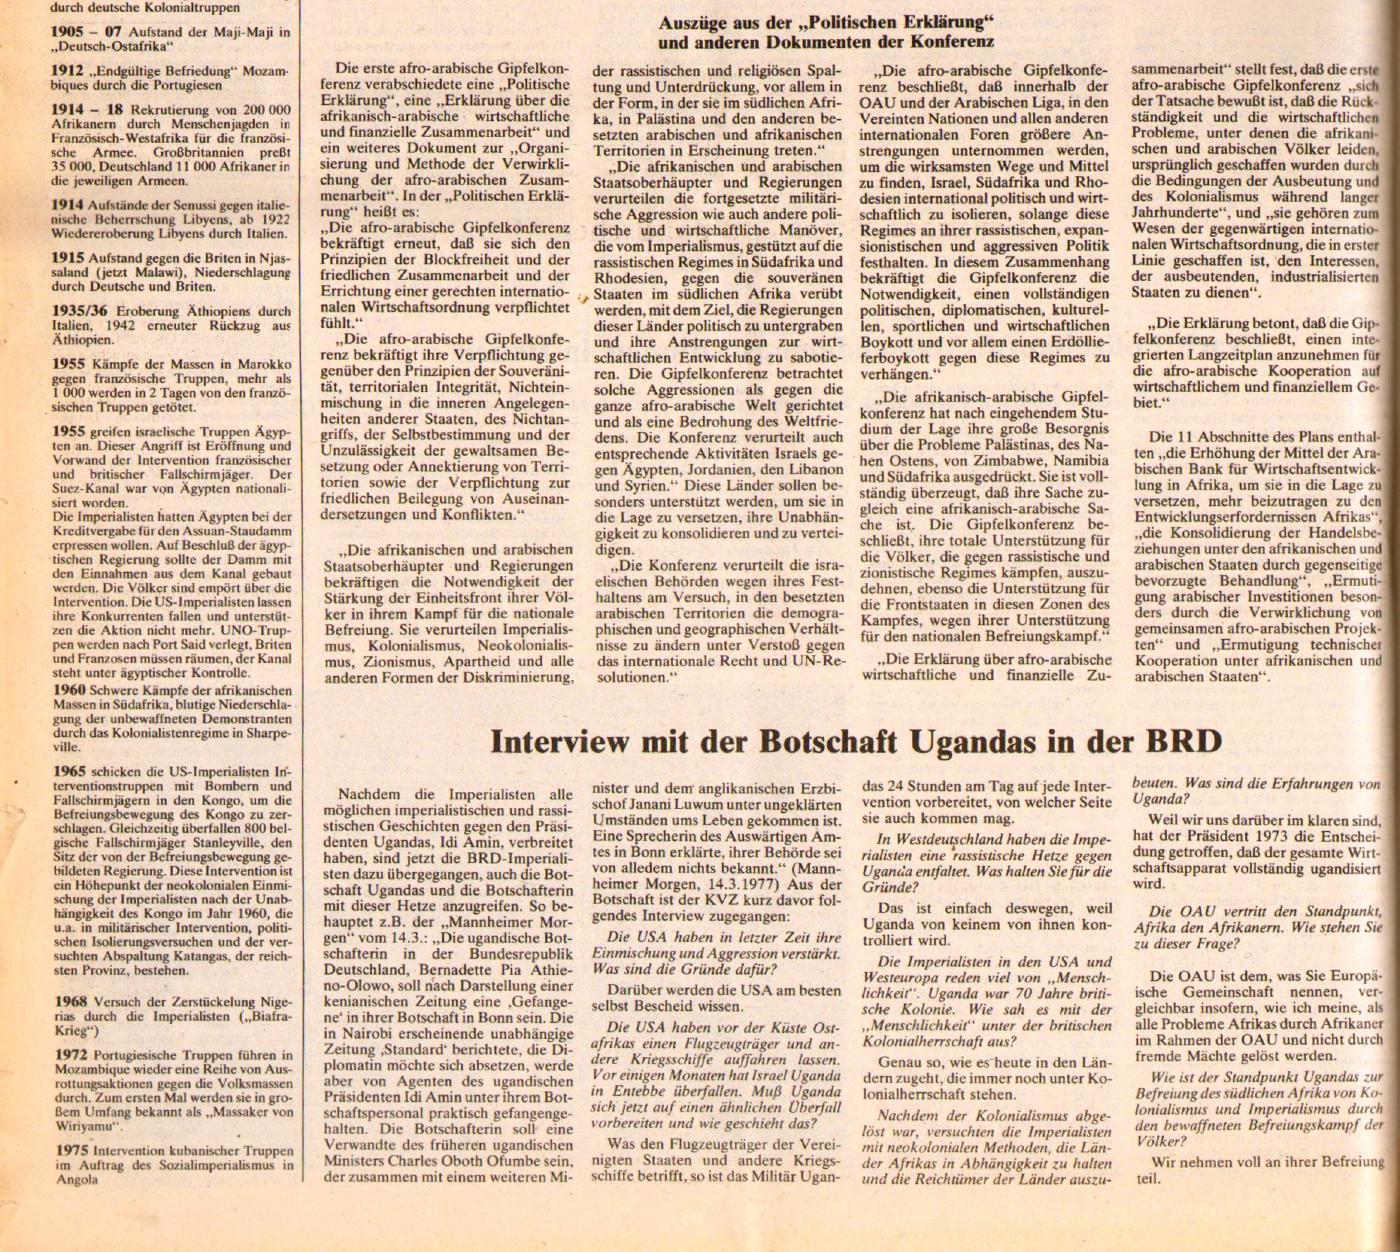 KVZ_Nord_1977_11_28